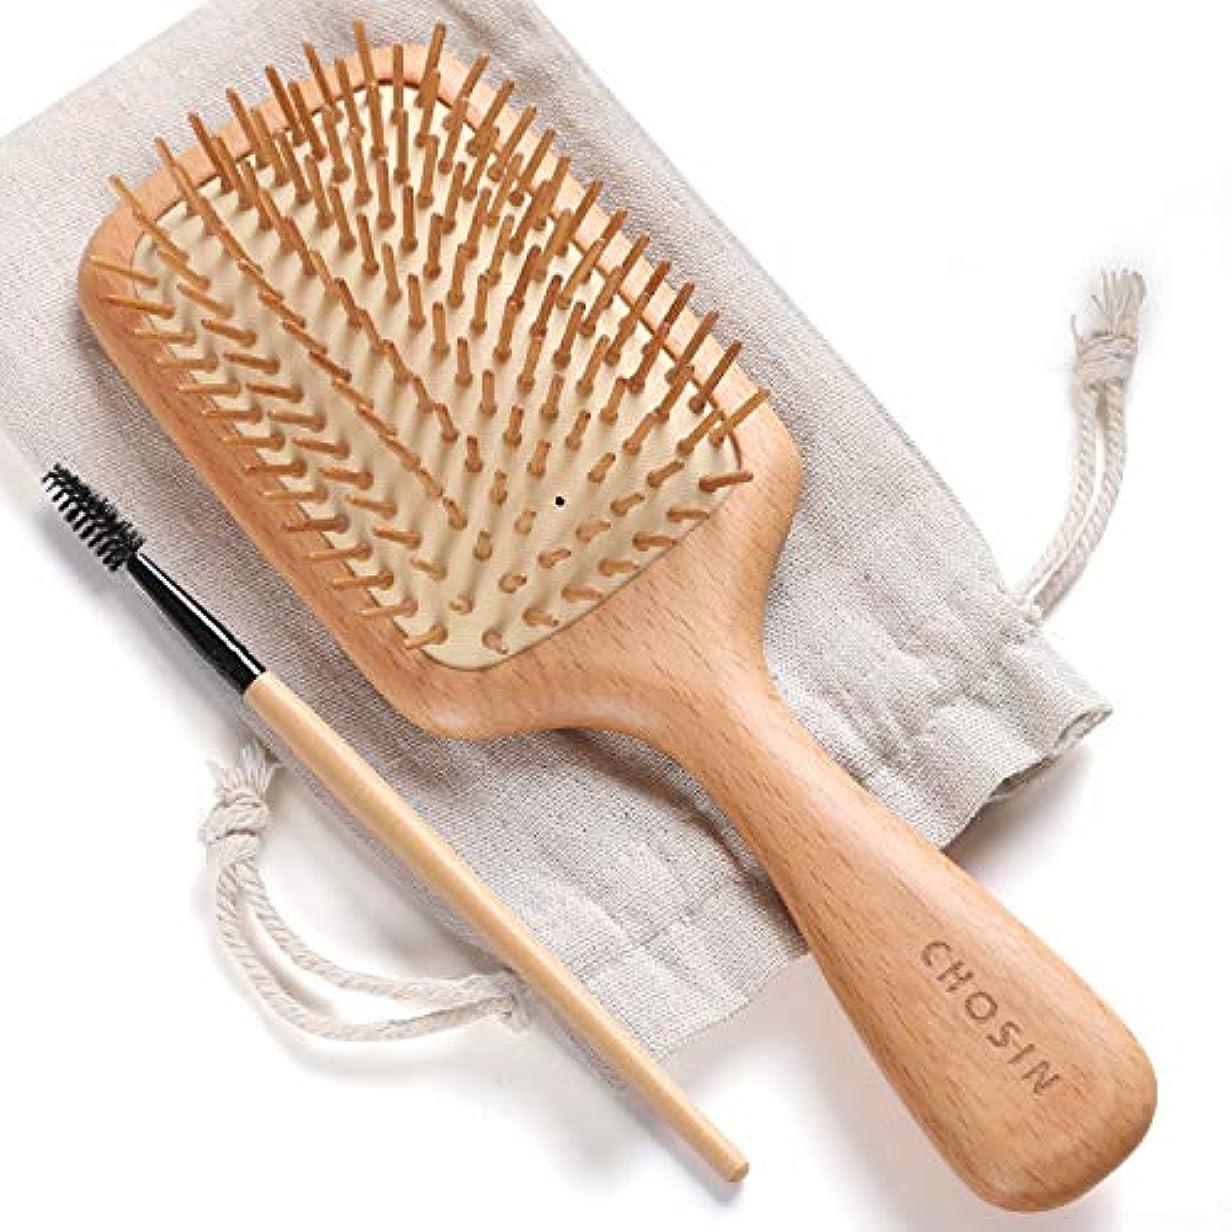 一緒に眼大人ヘアブラシ CHOSIN 頭皮マッサージ 木製櫛 髪をなめらかにする ヘアケア 静電気防止脱毛防止頭皮の圧迫軽減 男性と女性への適用